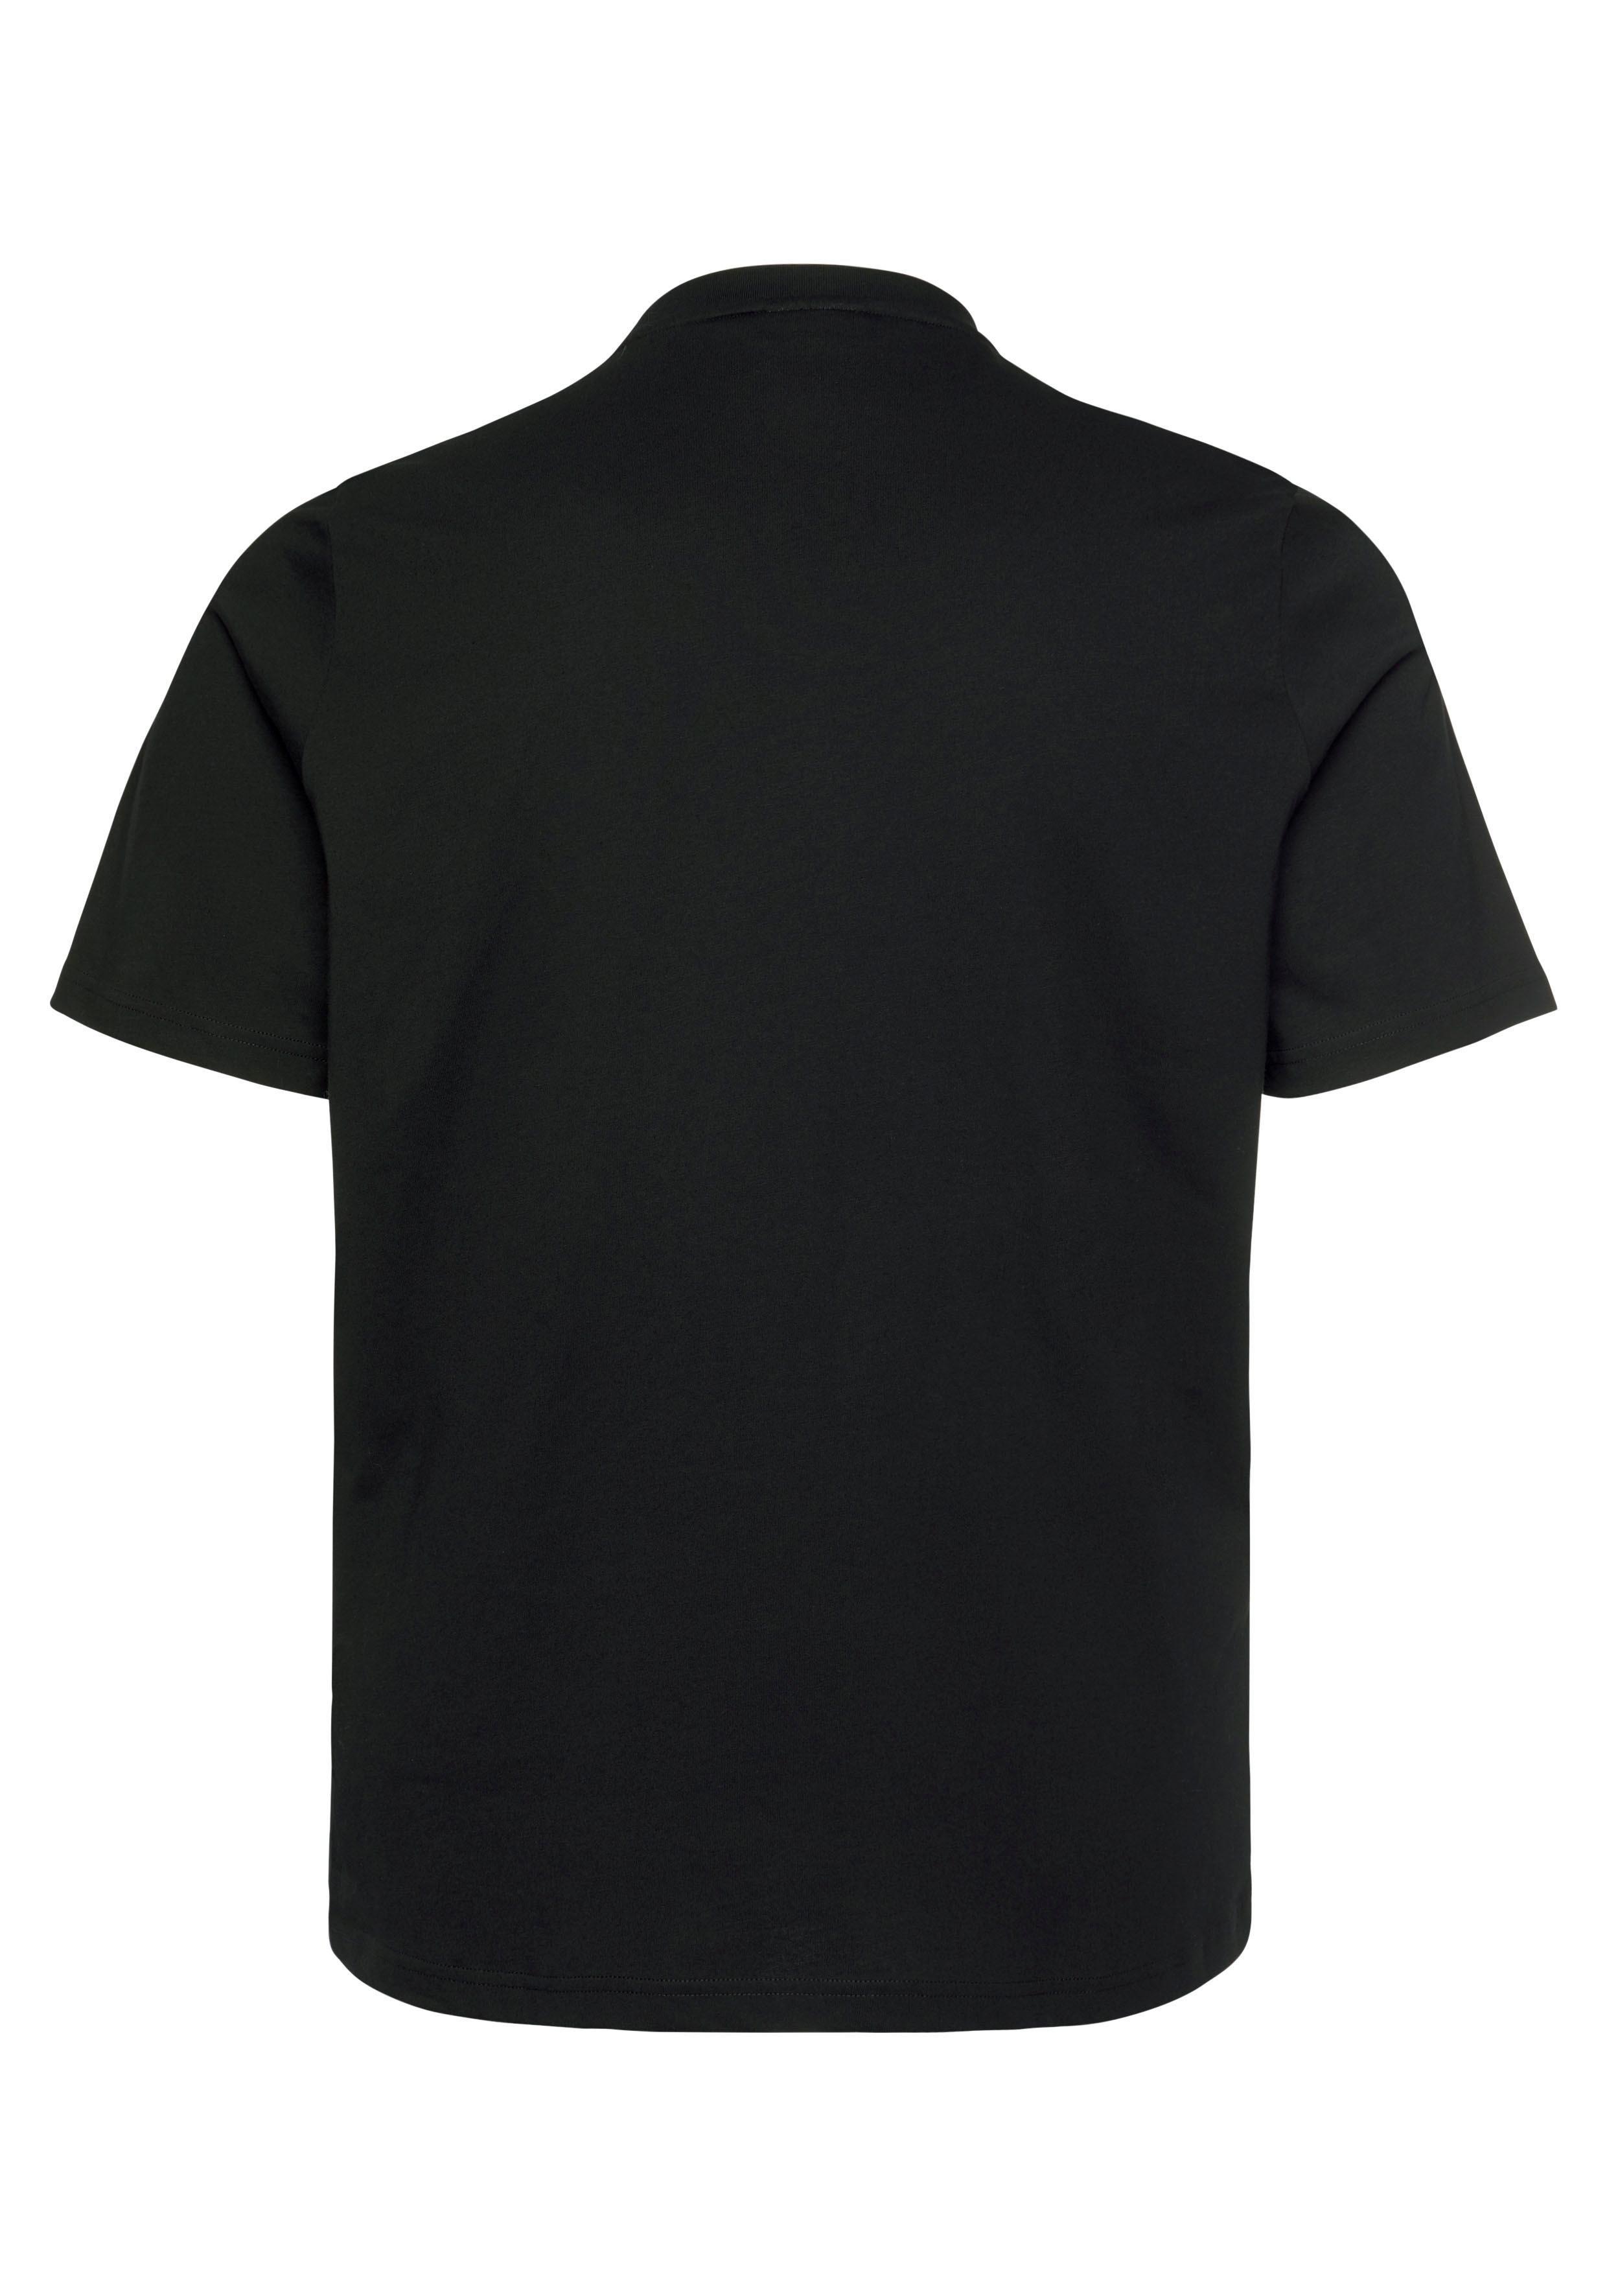 Op zoek naar een Calvin Klein T-shirt »BT-COTTON CHEST LOGO T-SHIRT«? Koop online bij OTTO